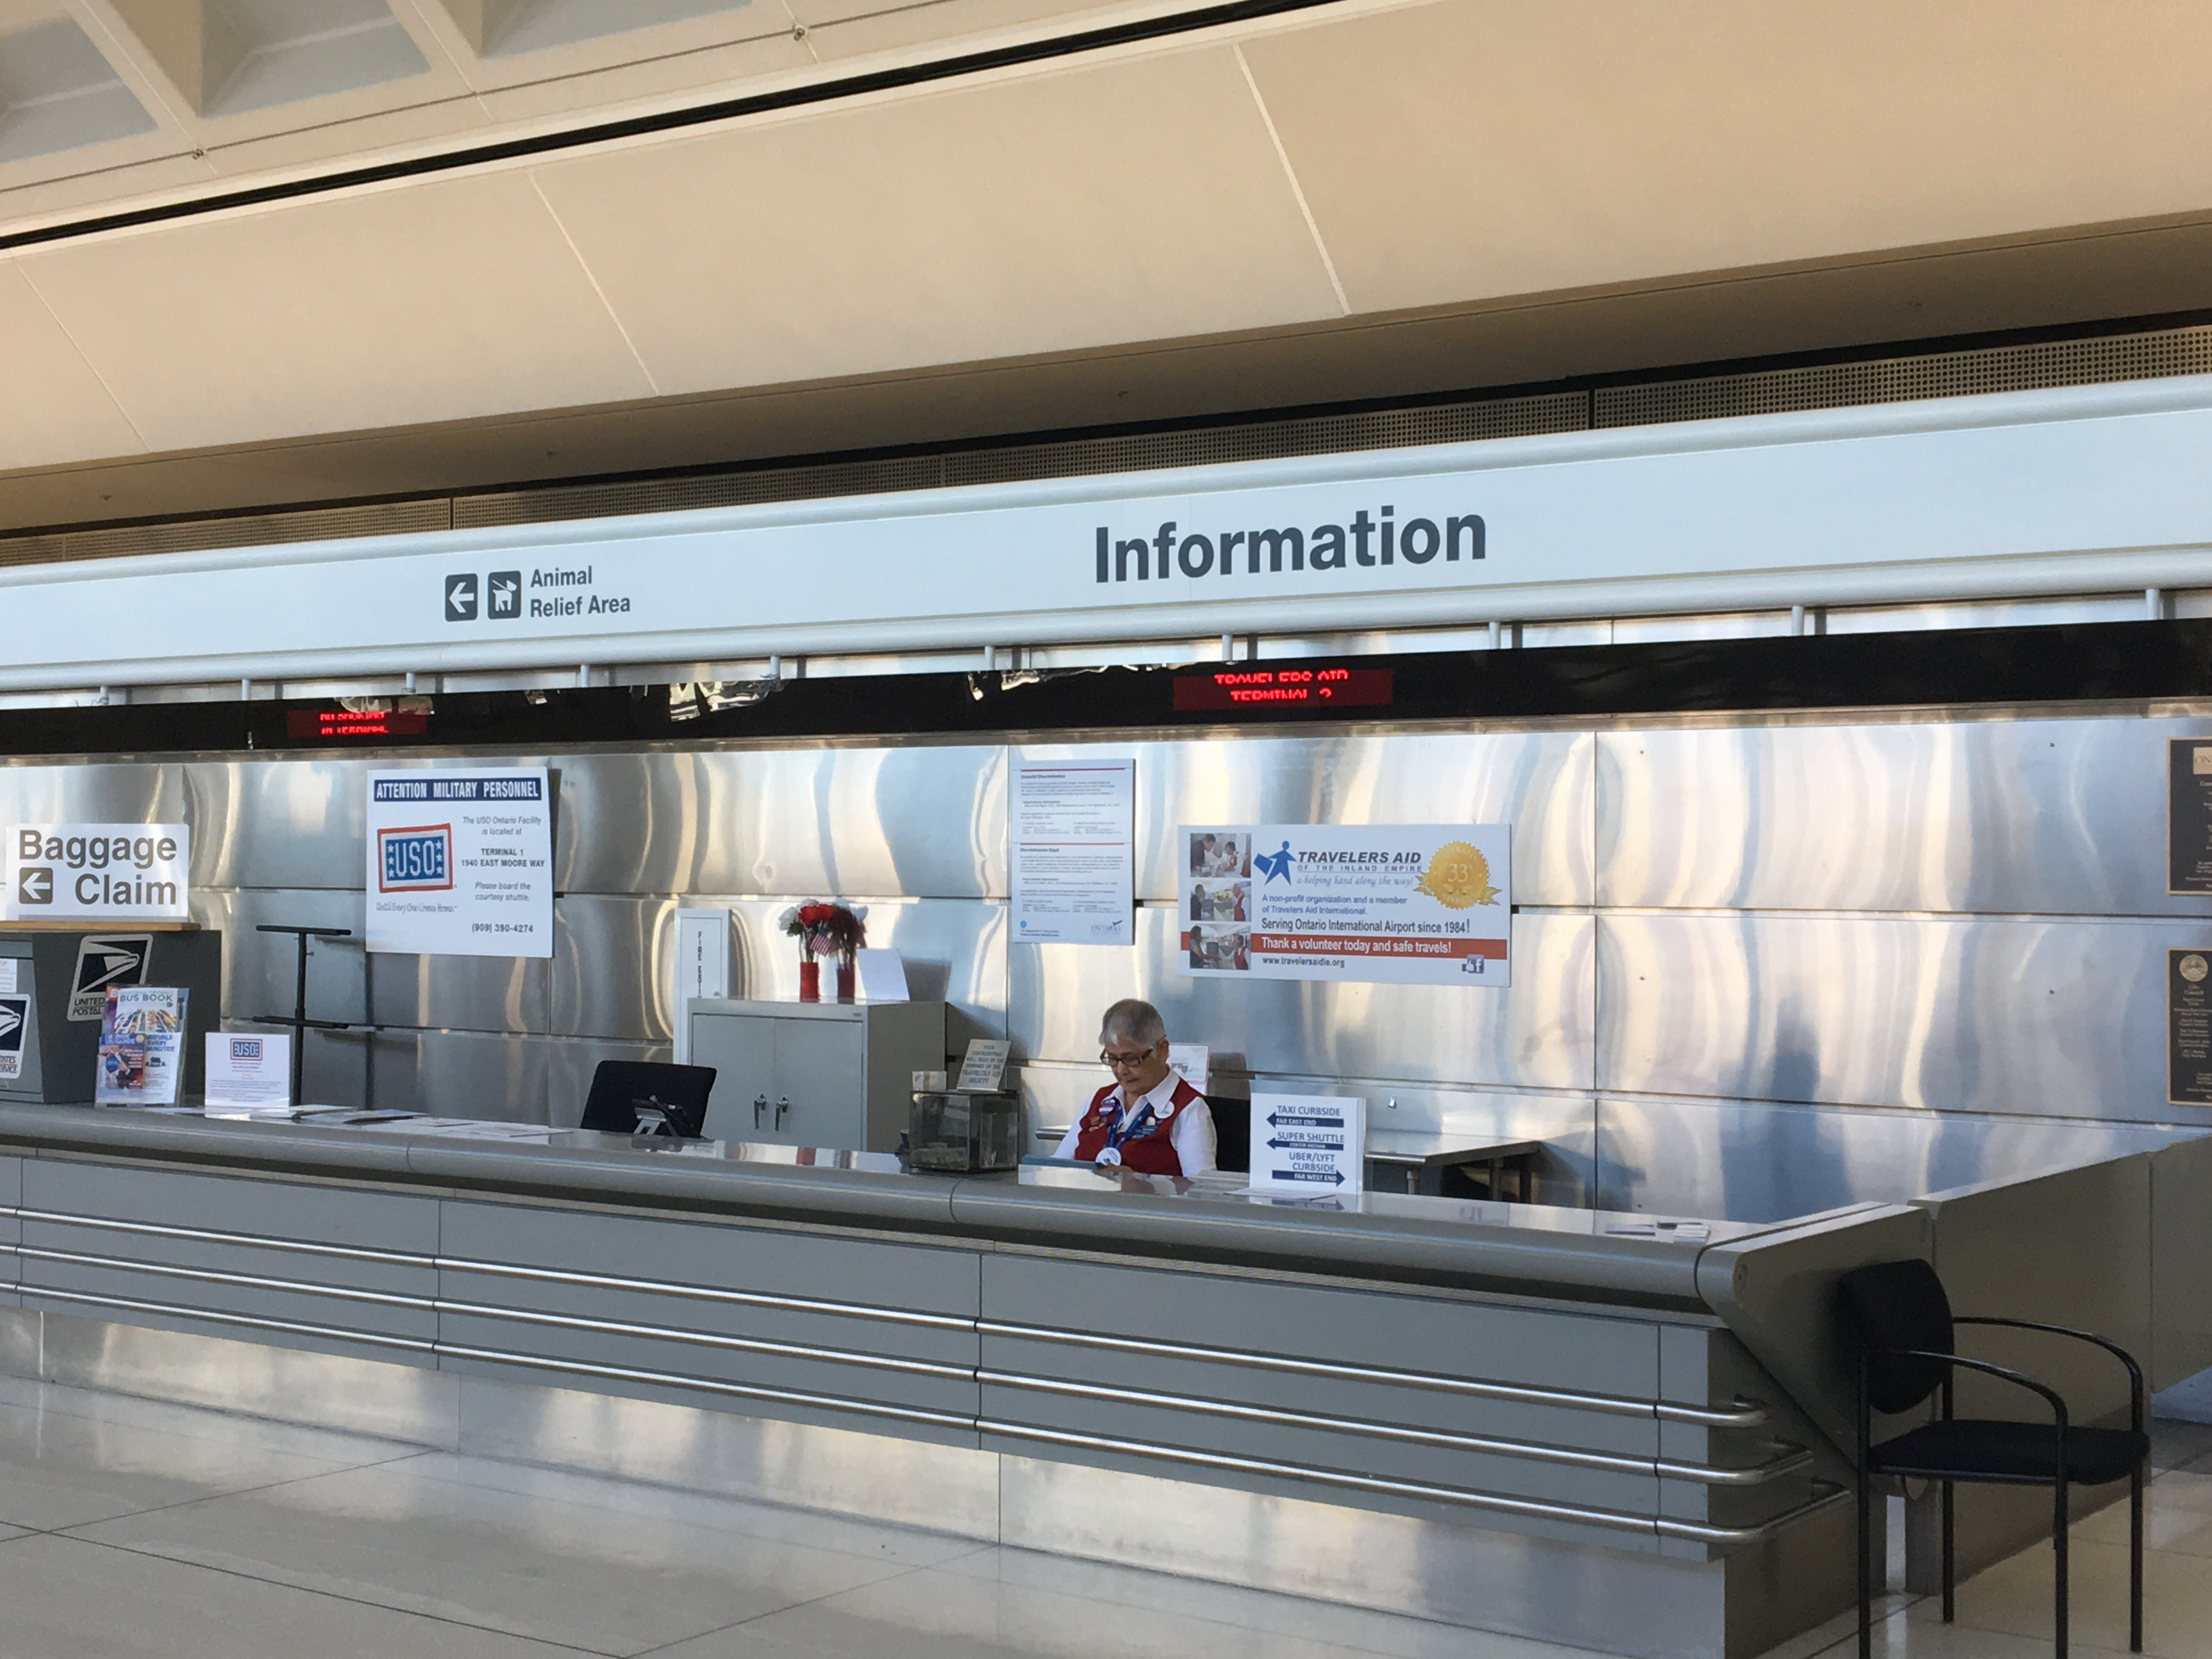 機場信息諮詢台工作人員在閱讀中文知識培訓內容。(記者啟鉻/攝影)